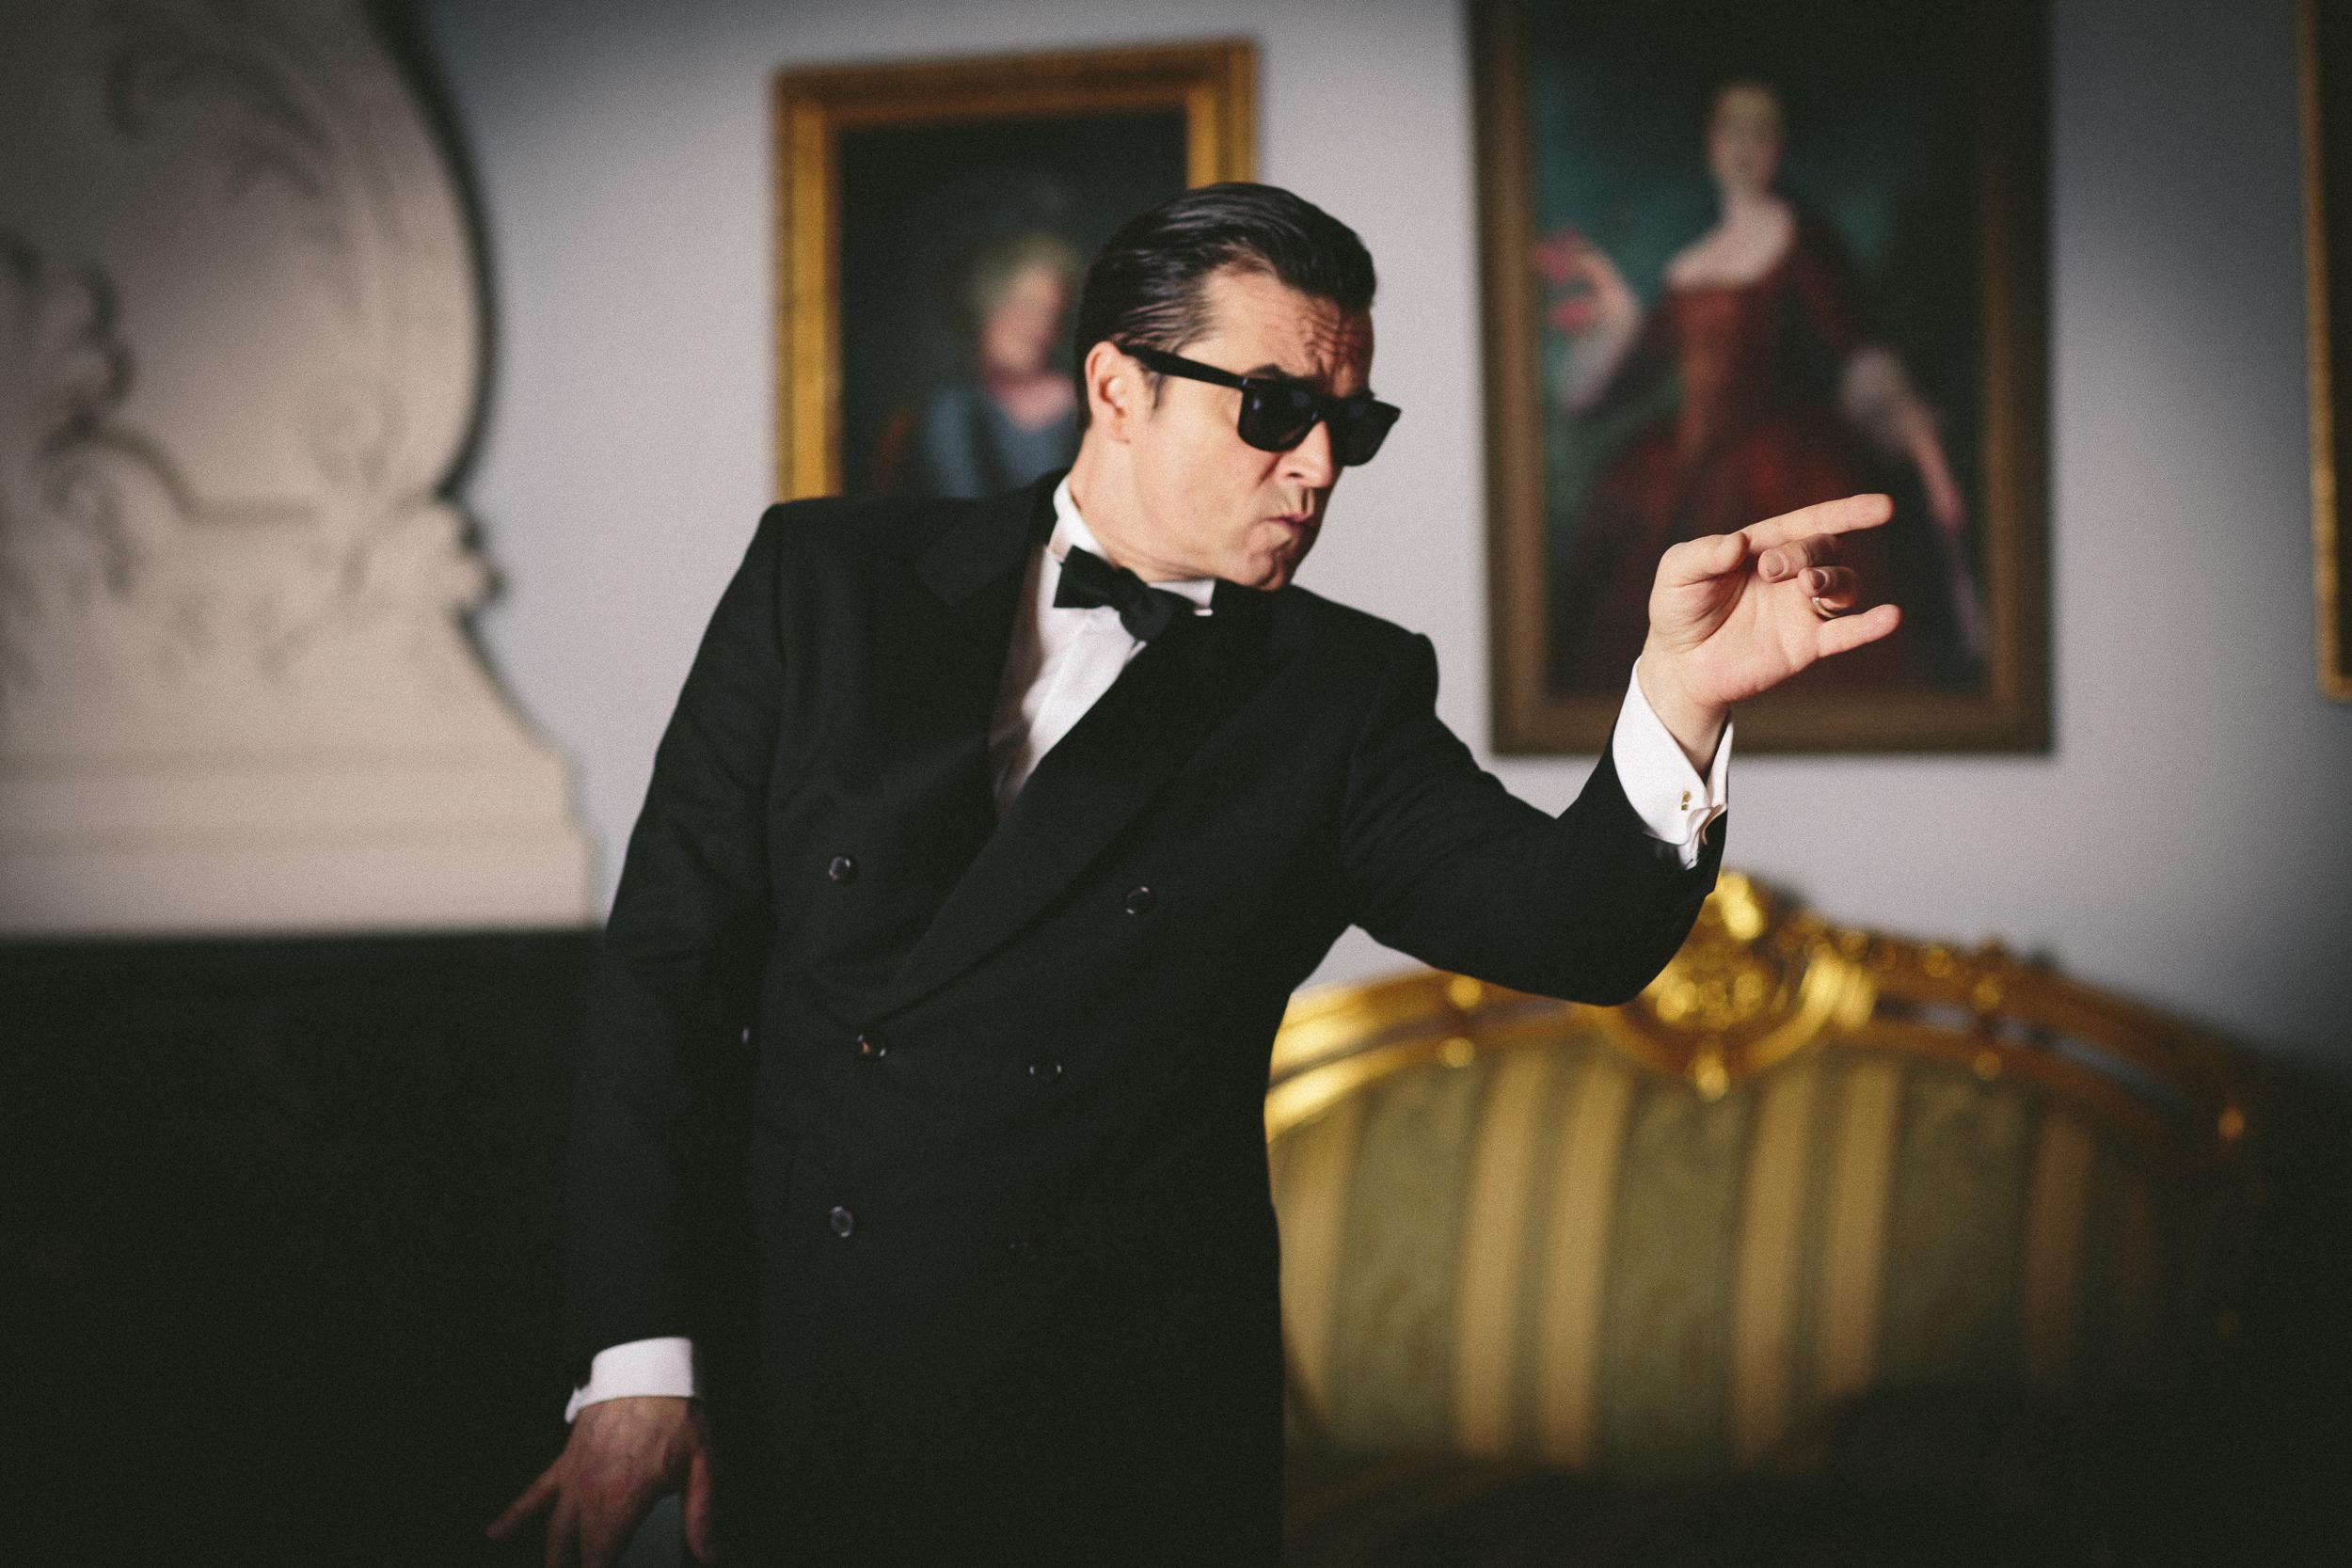 marcel klette -Falco ein innerlich zerrissenes Musikgenie